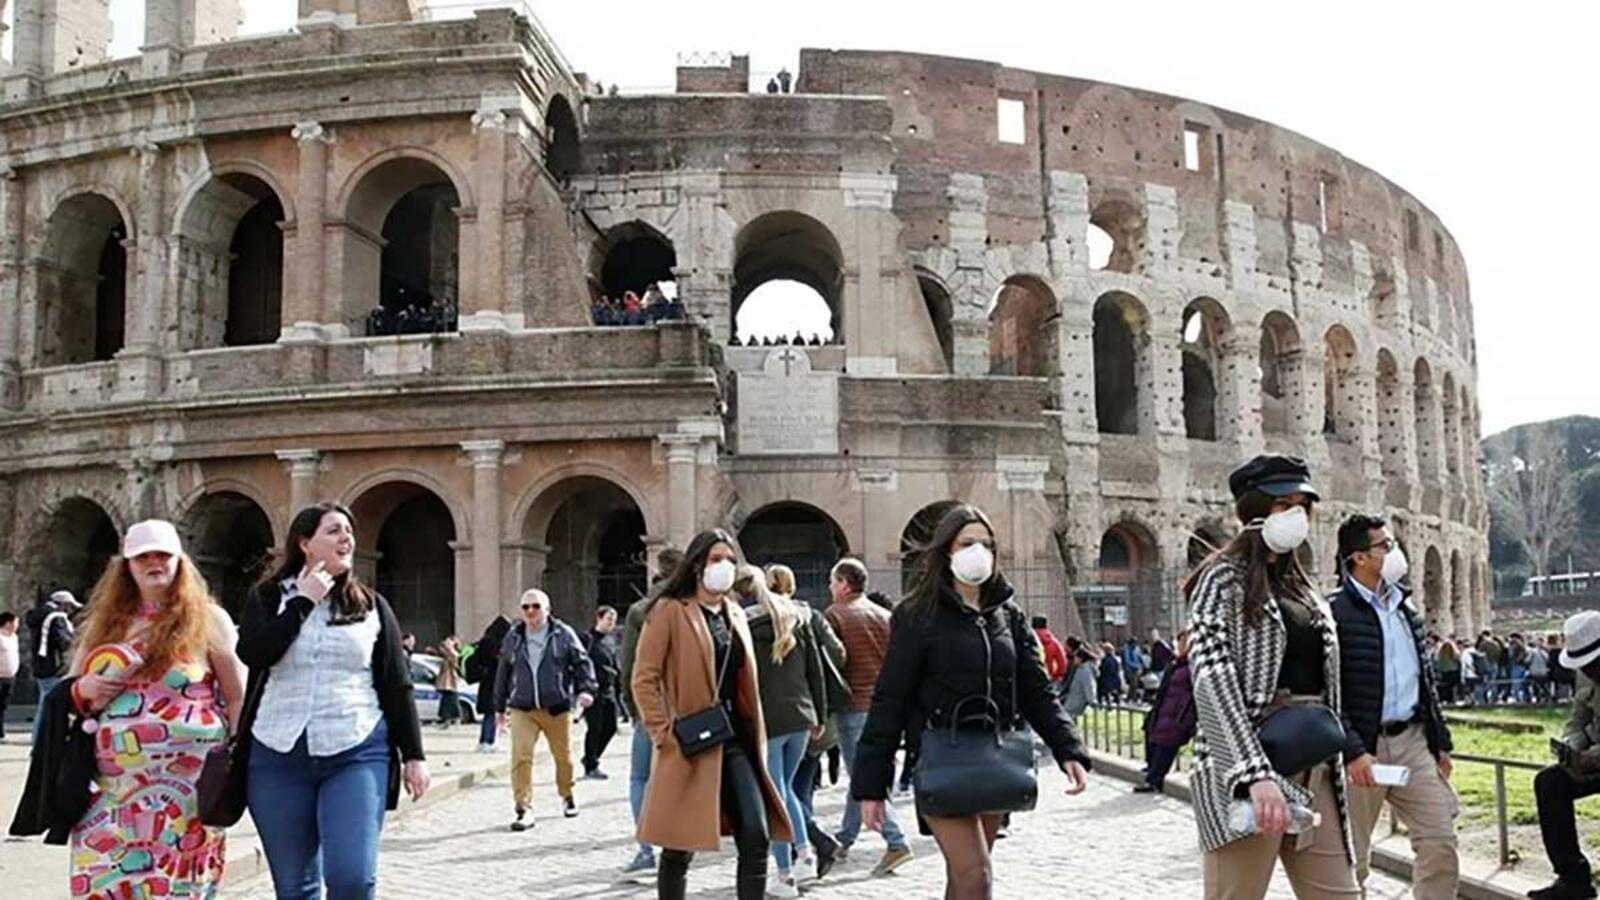 في إيطاليا.. «الماكارينا» في مواجهة كورونا